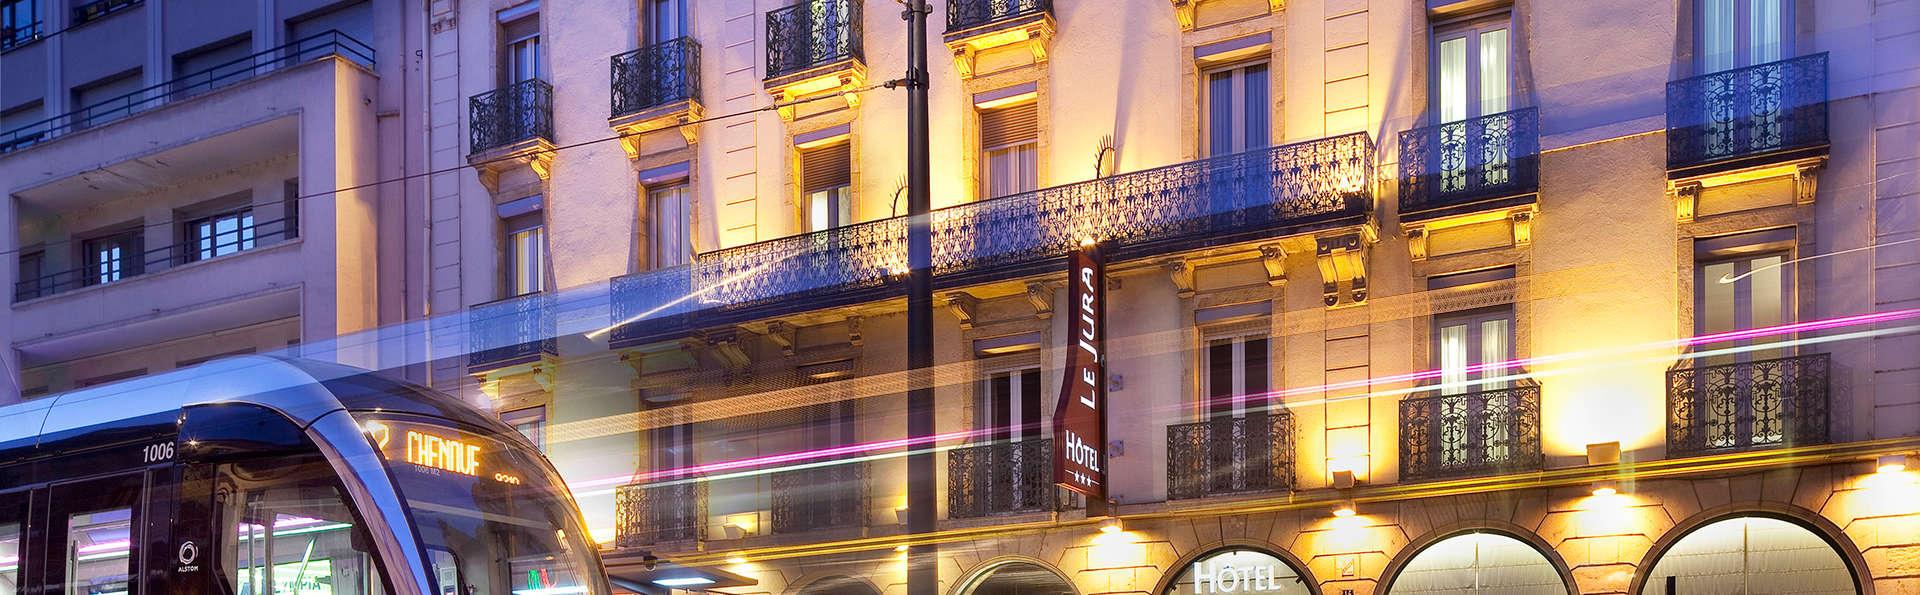 Offre spéciale: Séjour au cœur de Dijon